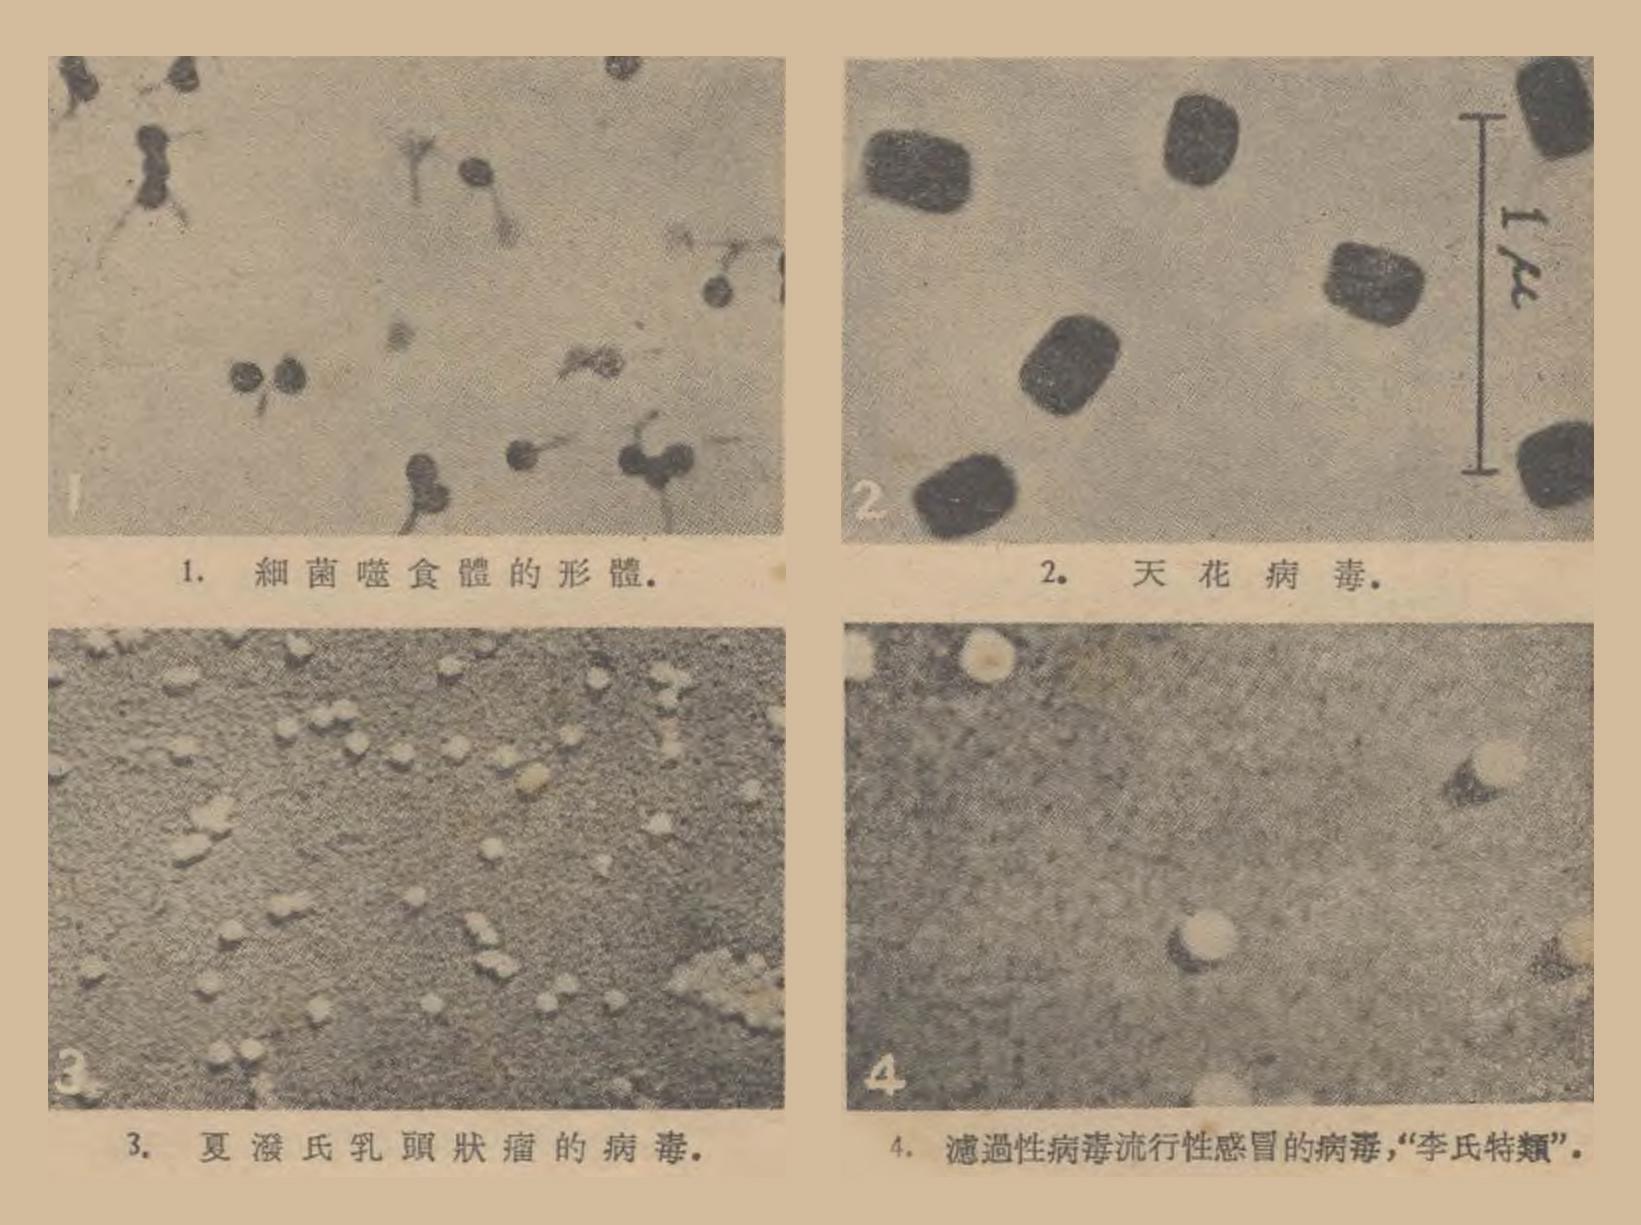 图片来源:《再談濾過性病毒:2.天花病毒:[照片]》 , 《科學畫報》1949 年 第 15 卷 第 11 期,383 頁